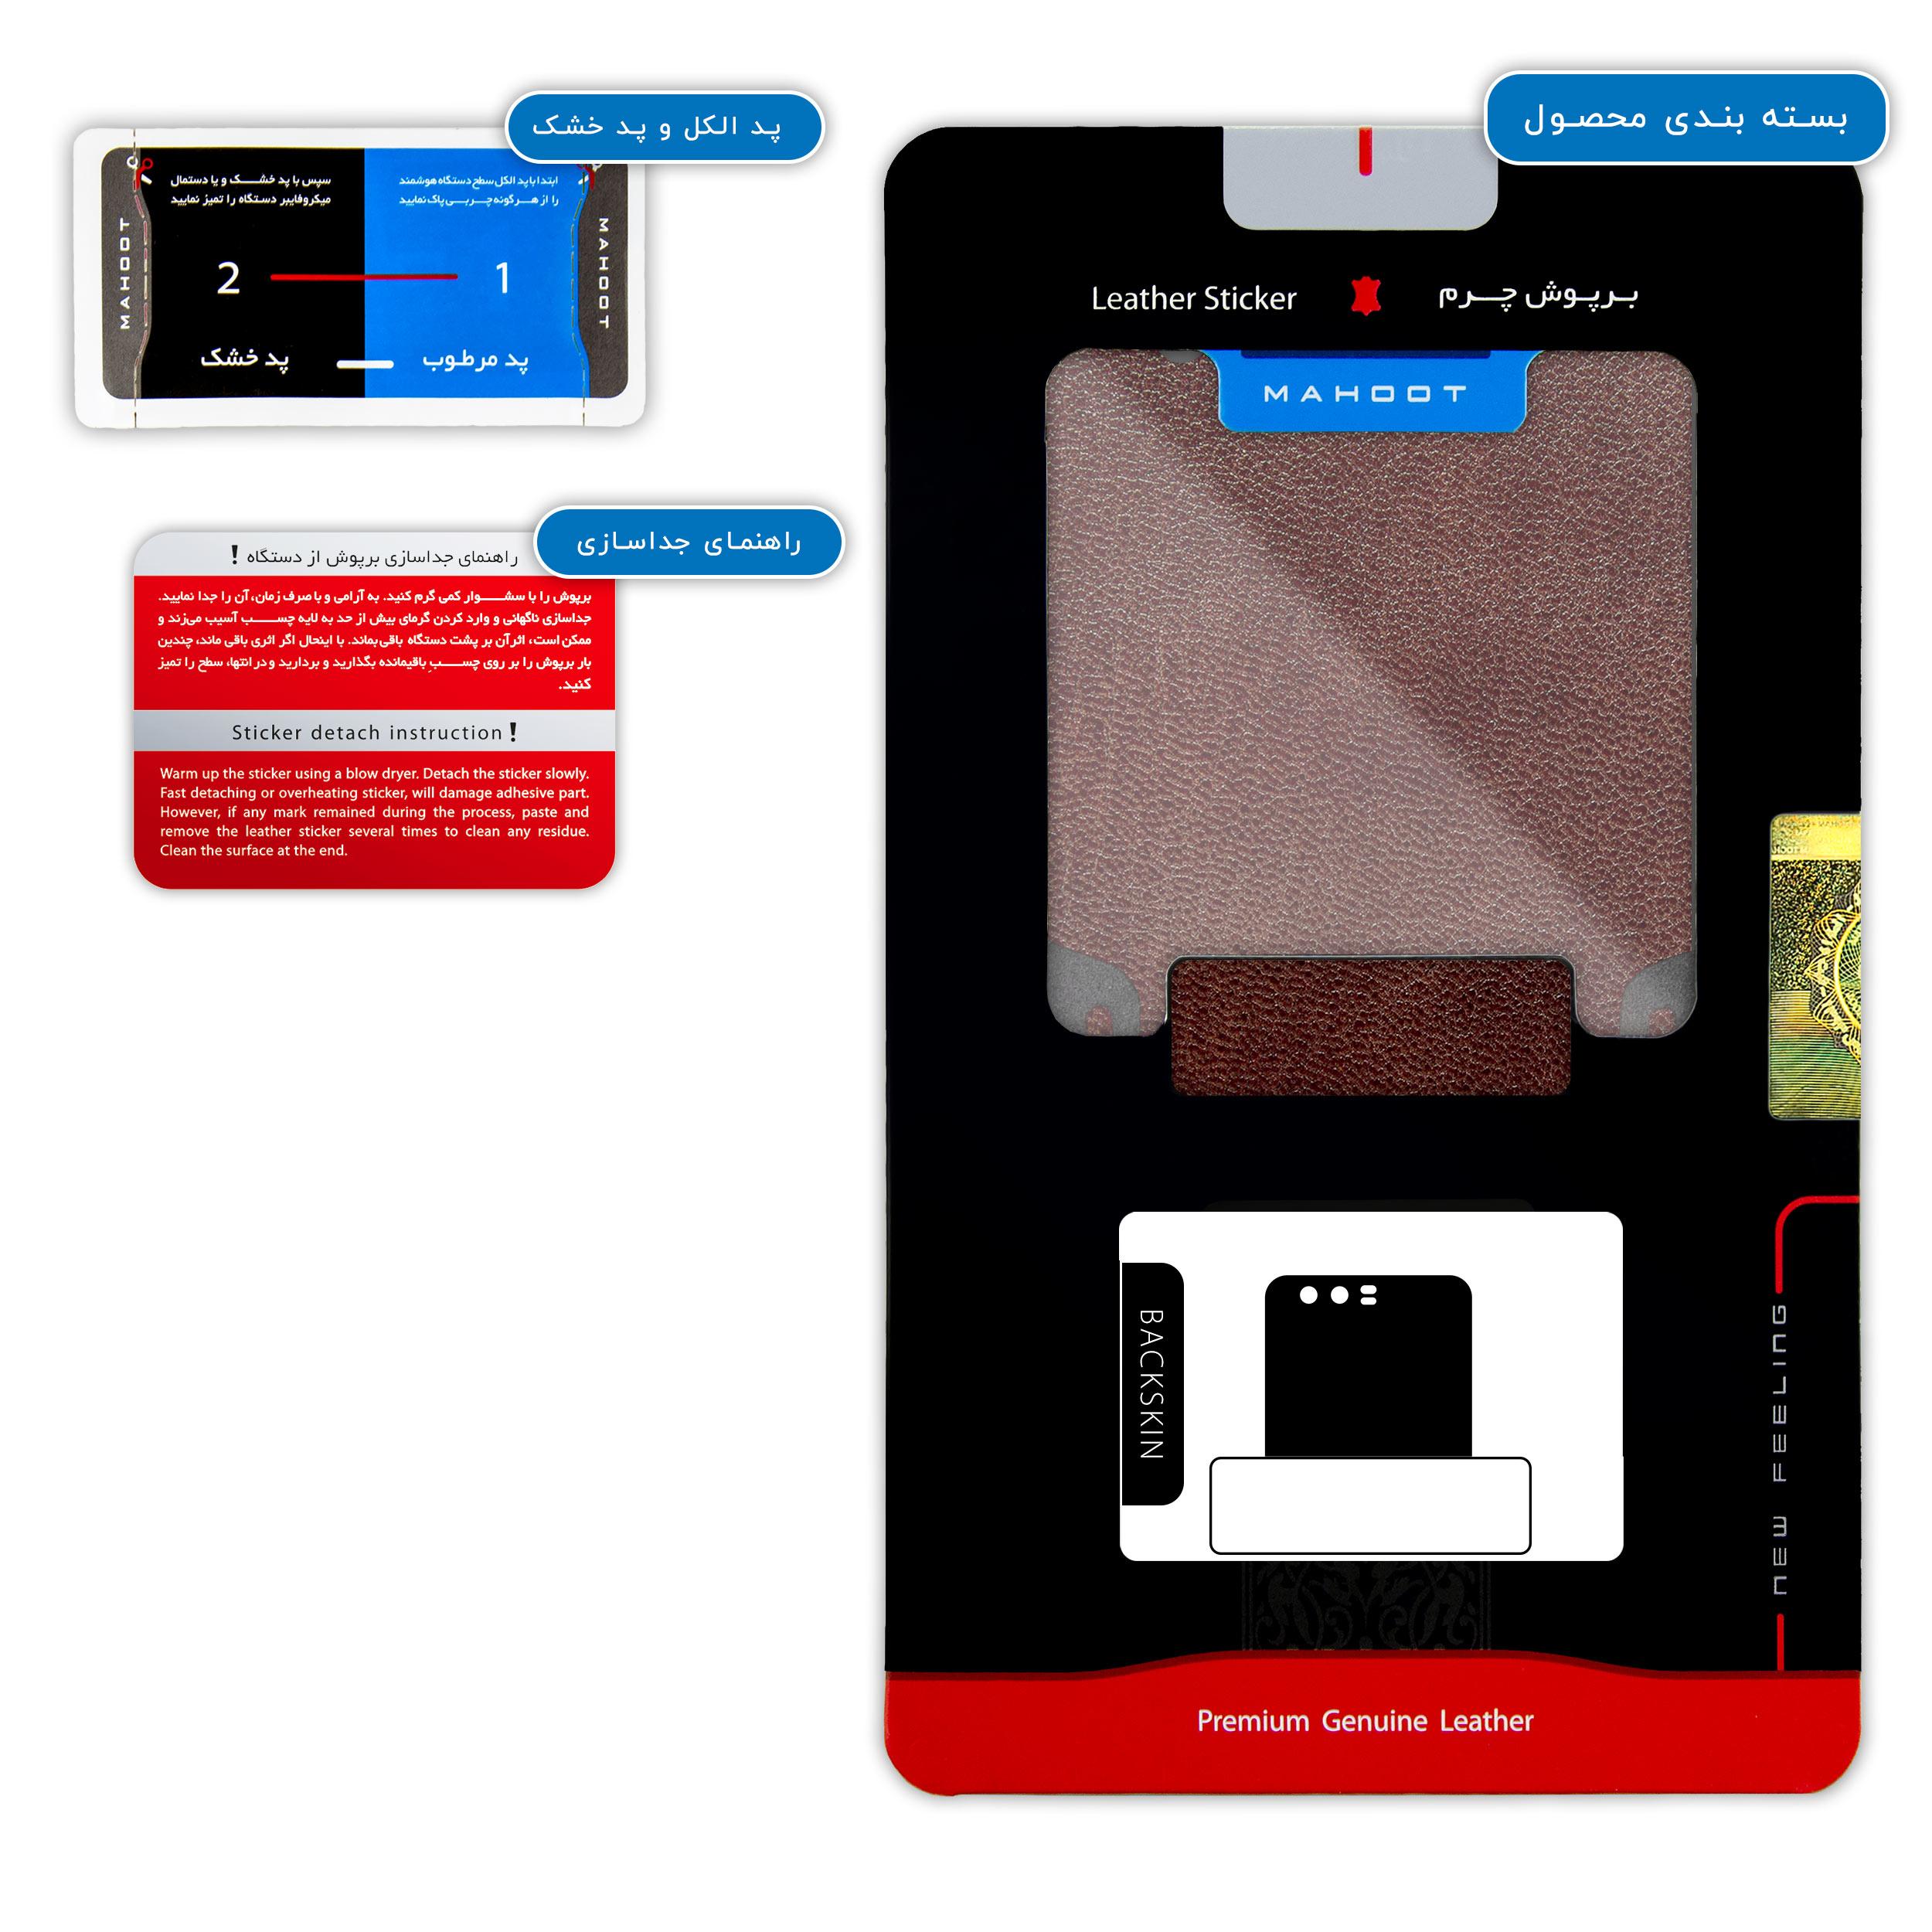 برچسب پوششی ماهوت مدل Natural-Leather مناسب برای گوشی موبایل آنر 9 thumb 2 3